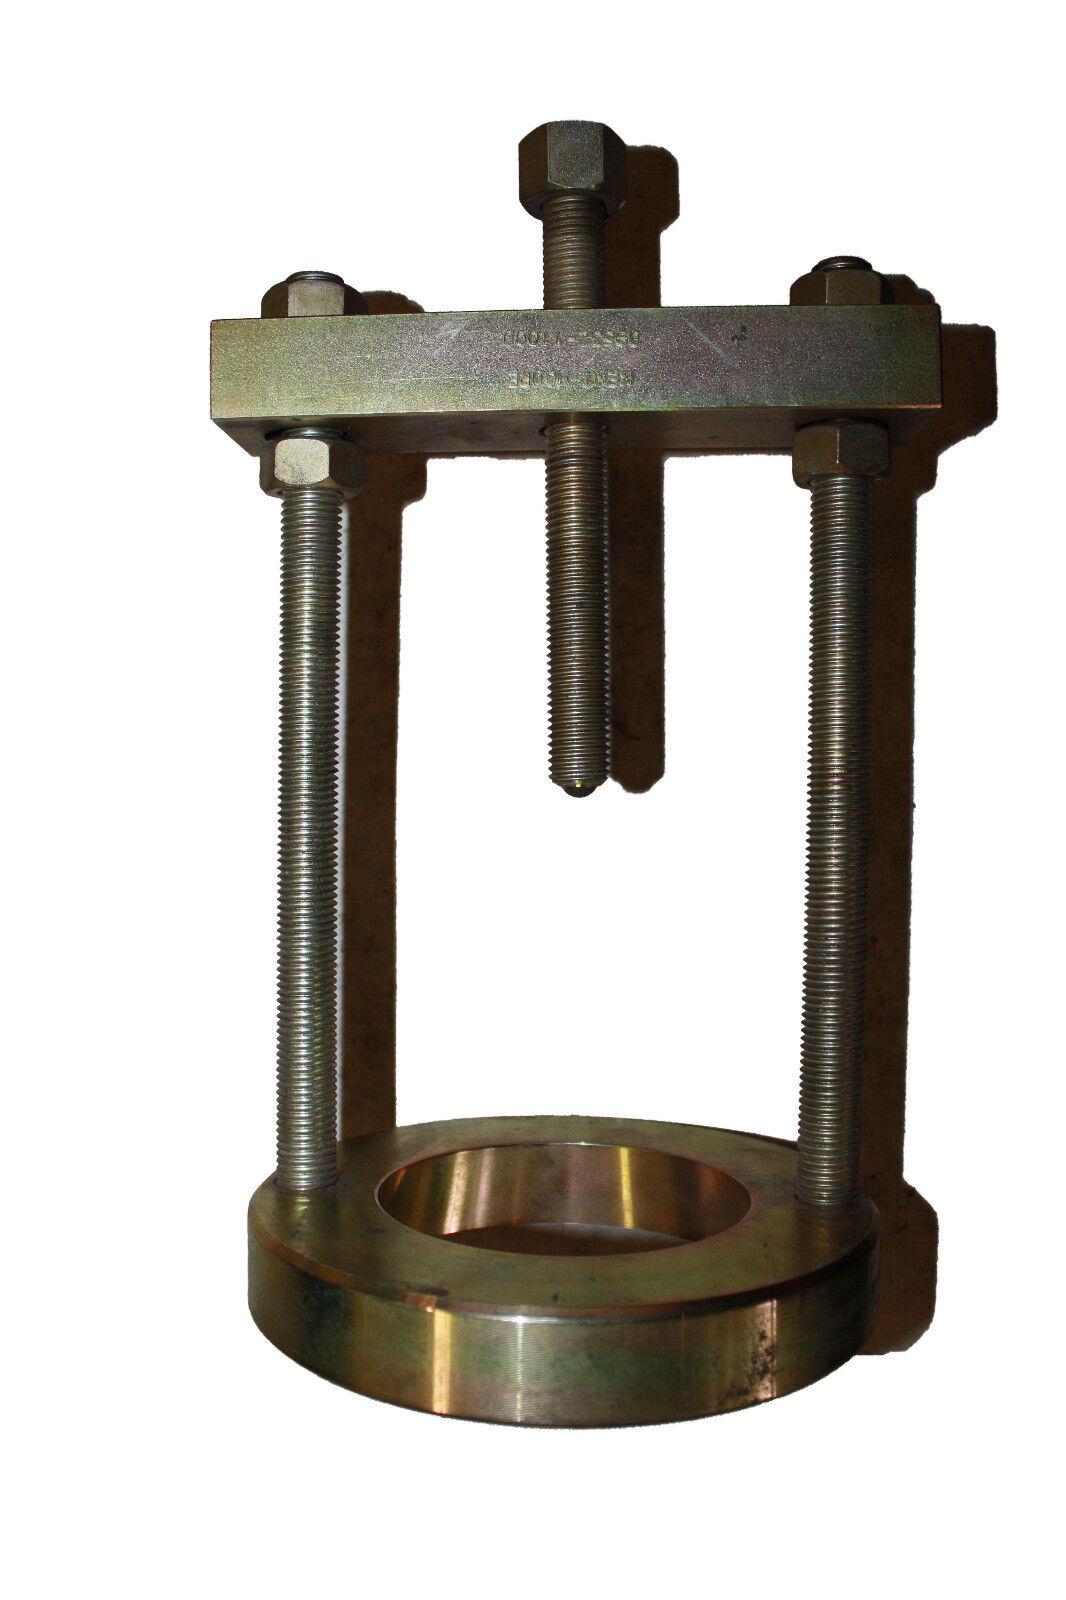 Kent Moore Moore Moore 09532-11000 Différentiel Bearing Programme D'Inssizetion pour 5776fa